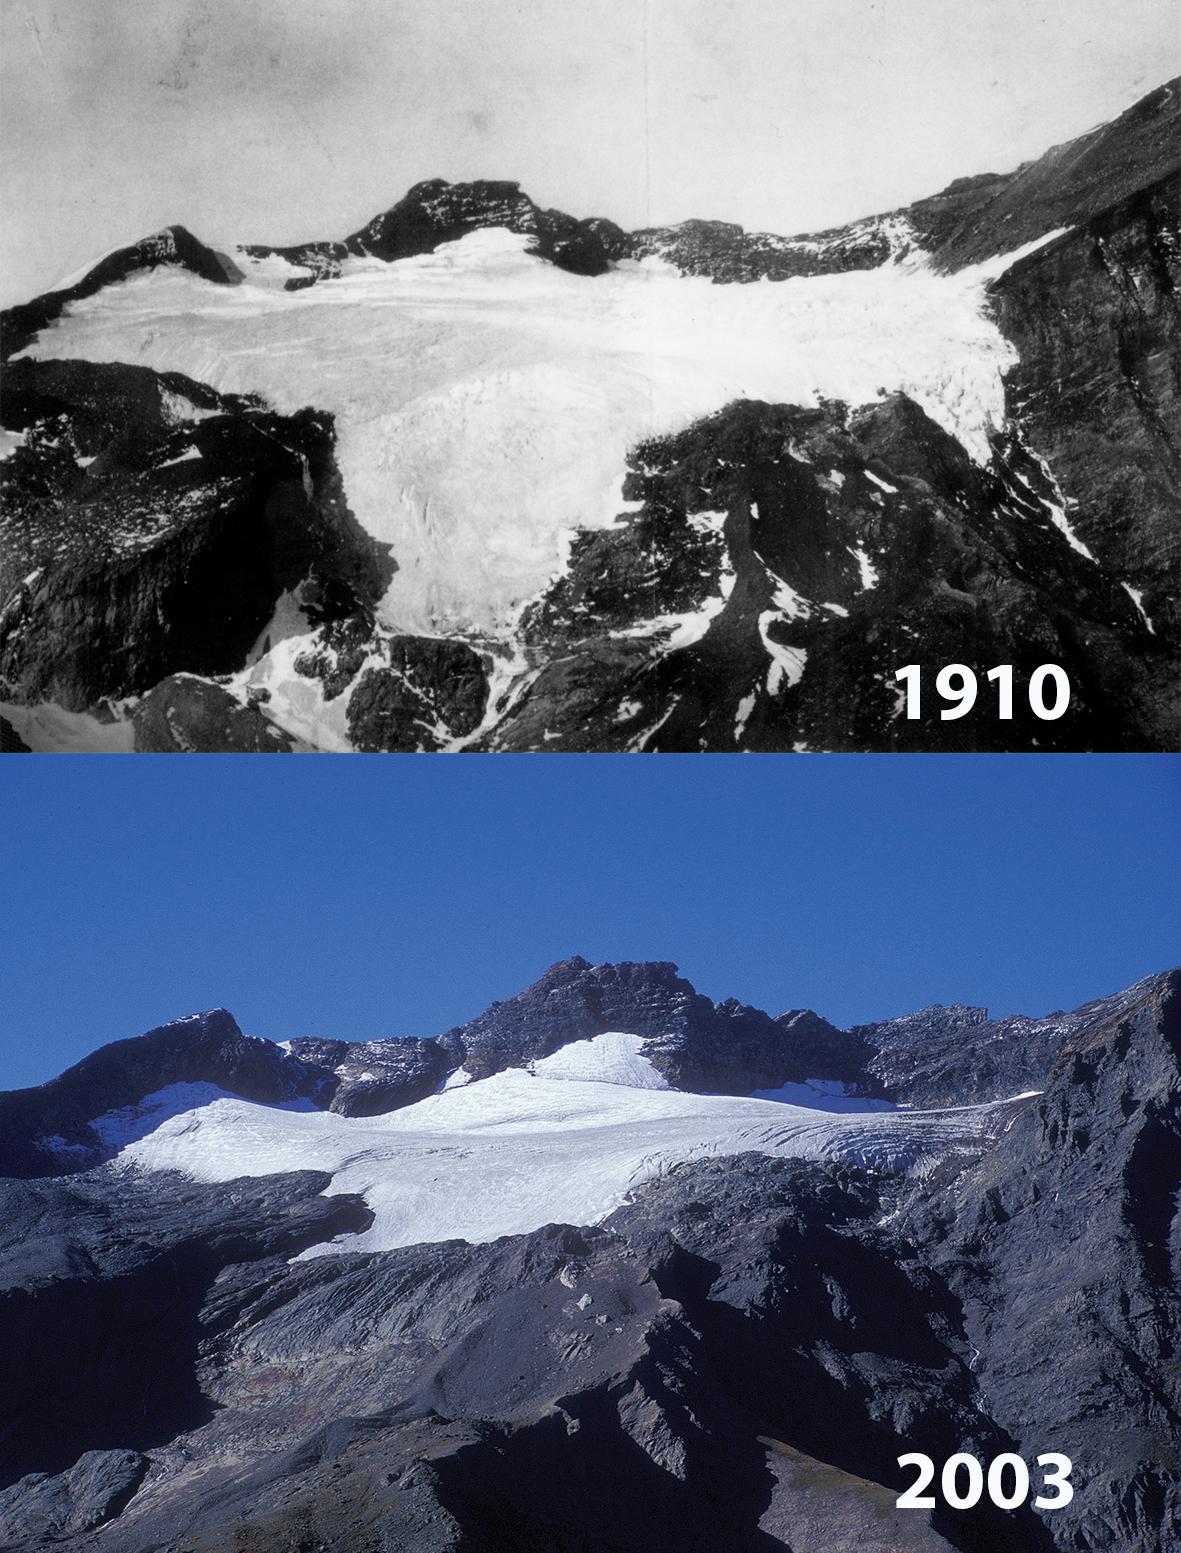 Glacier de Ciamarella: 1910 - 2003